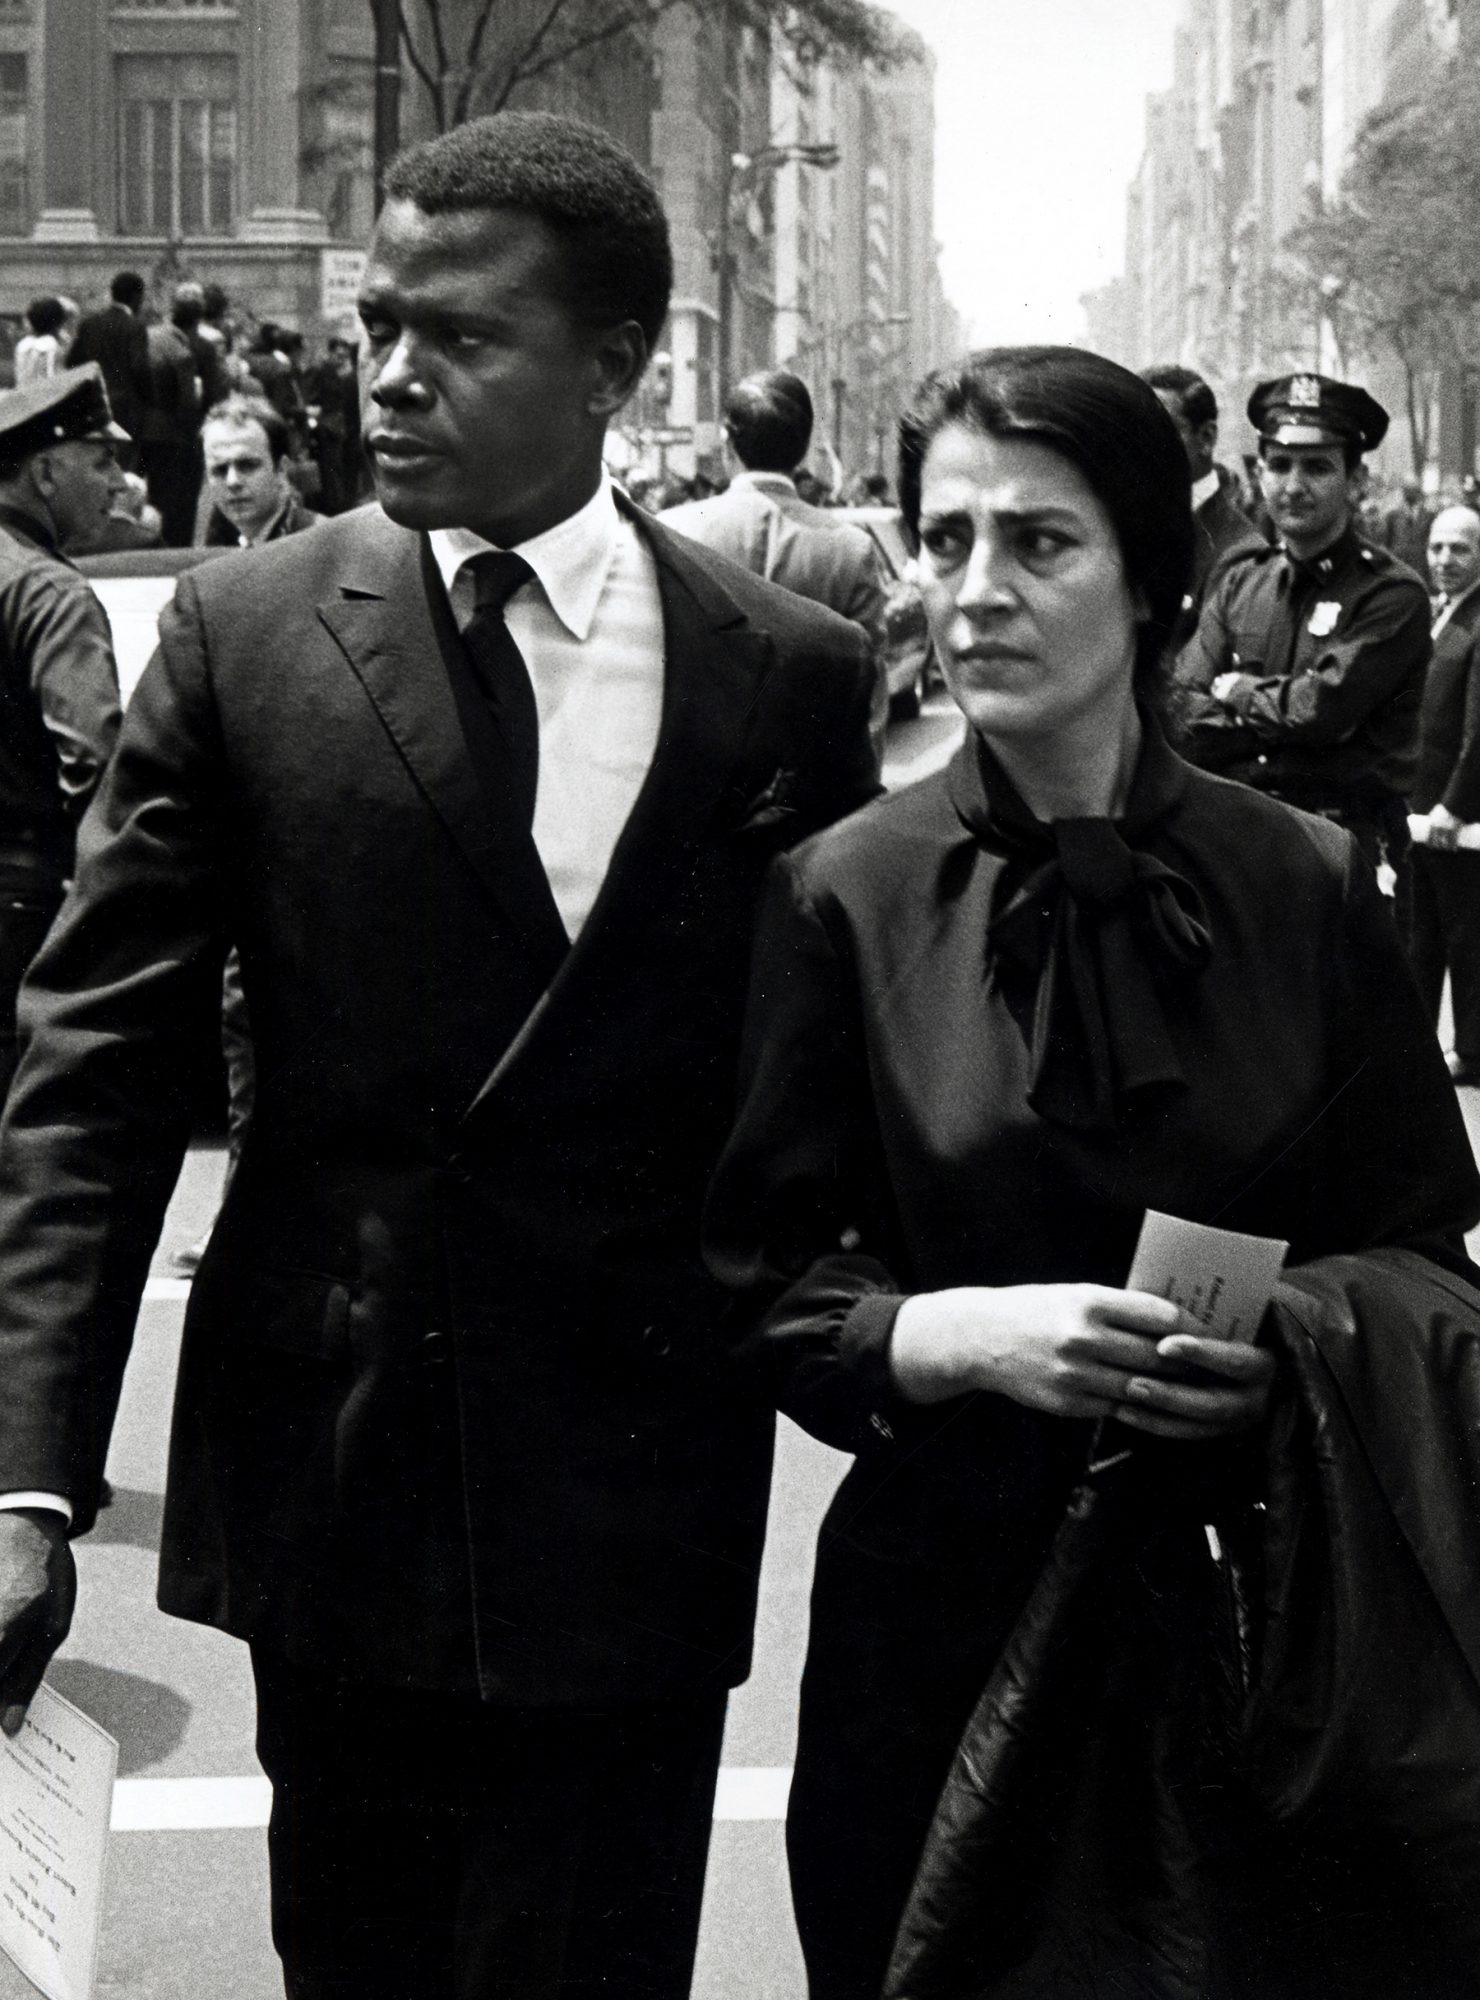 Robert F. Kennedy's Funeral, June 1968